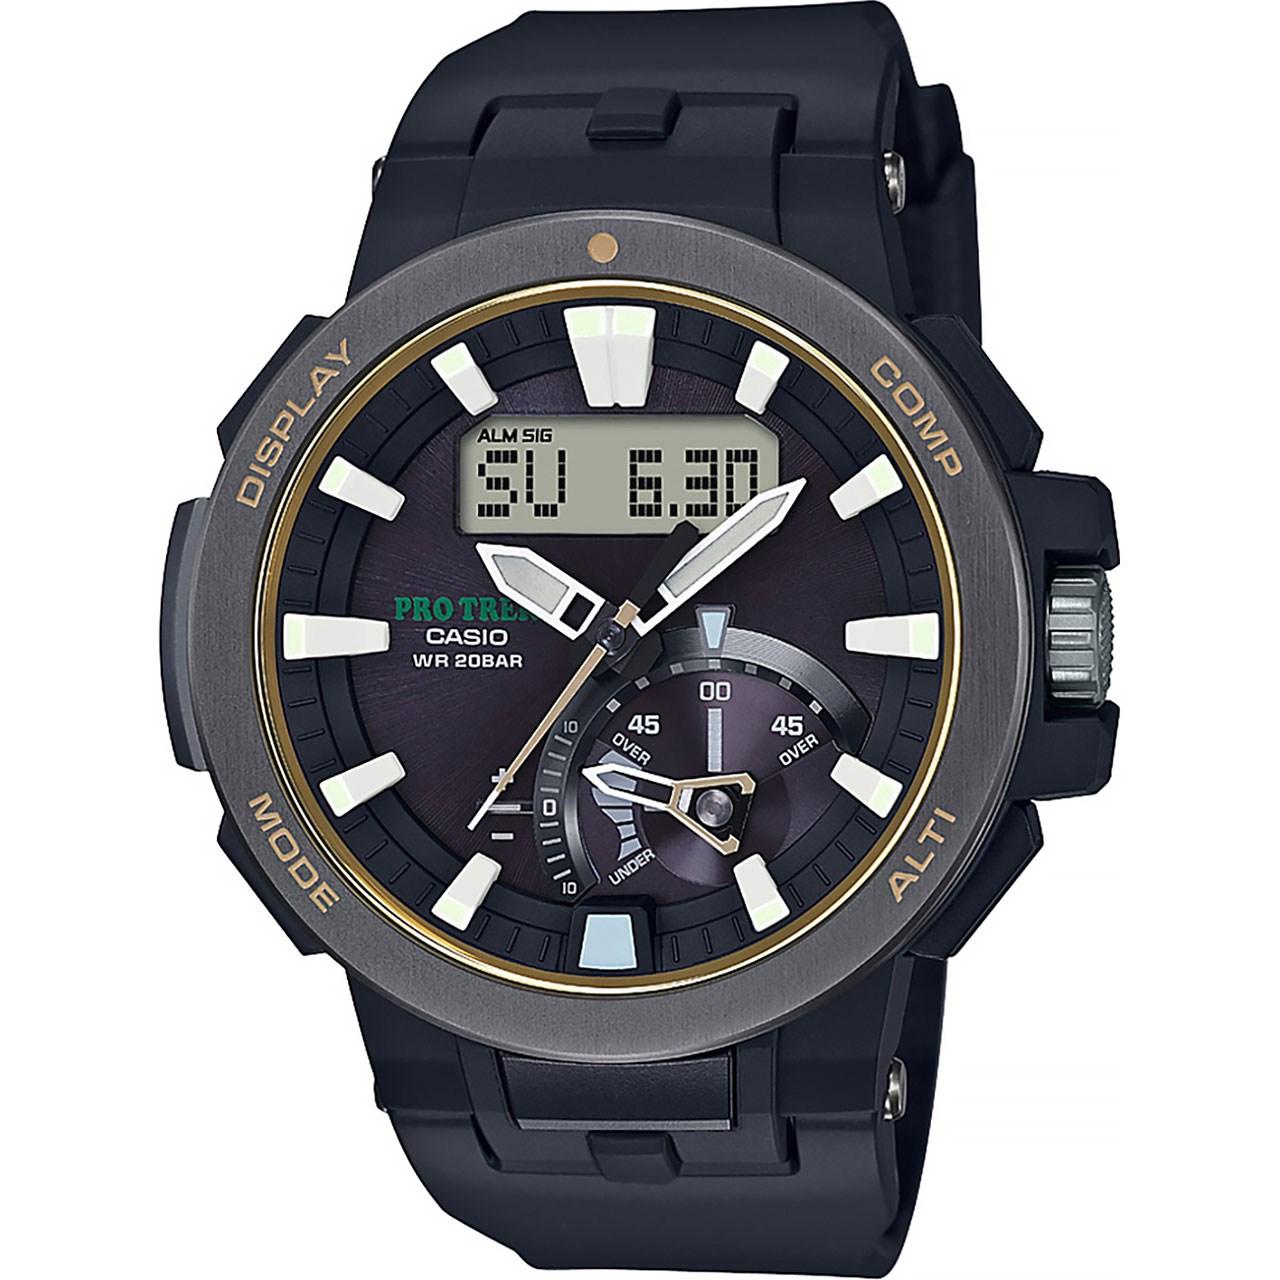 ساعت مچی عقربه ای مردانه کاسیو پروترک مدل PRW-7000-1BDR